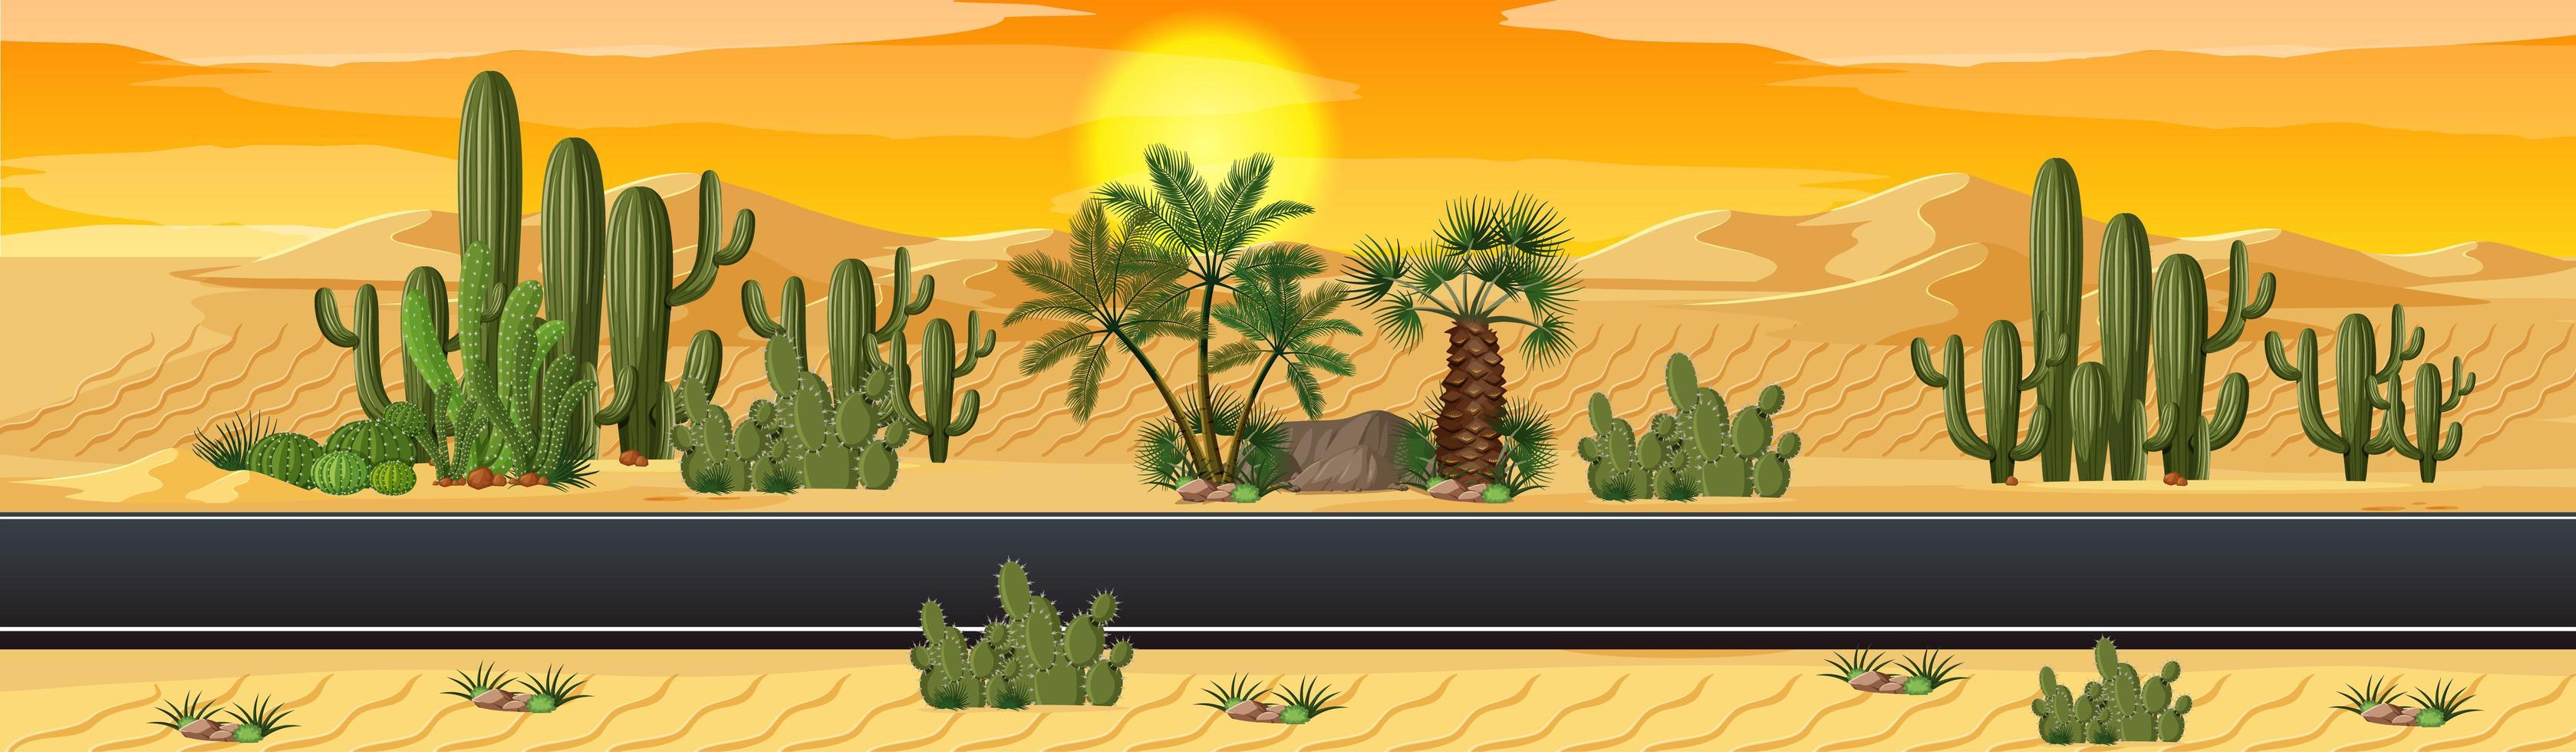 désert avec scène de paysage nature route vecteur